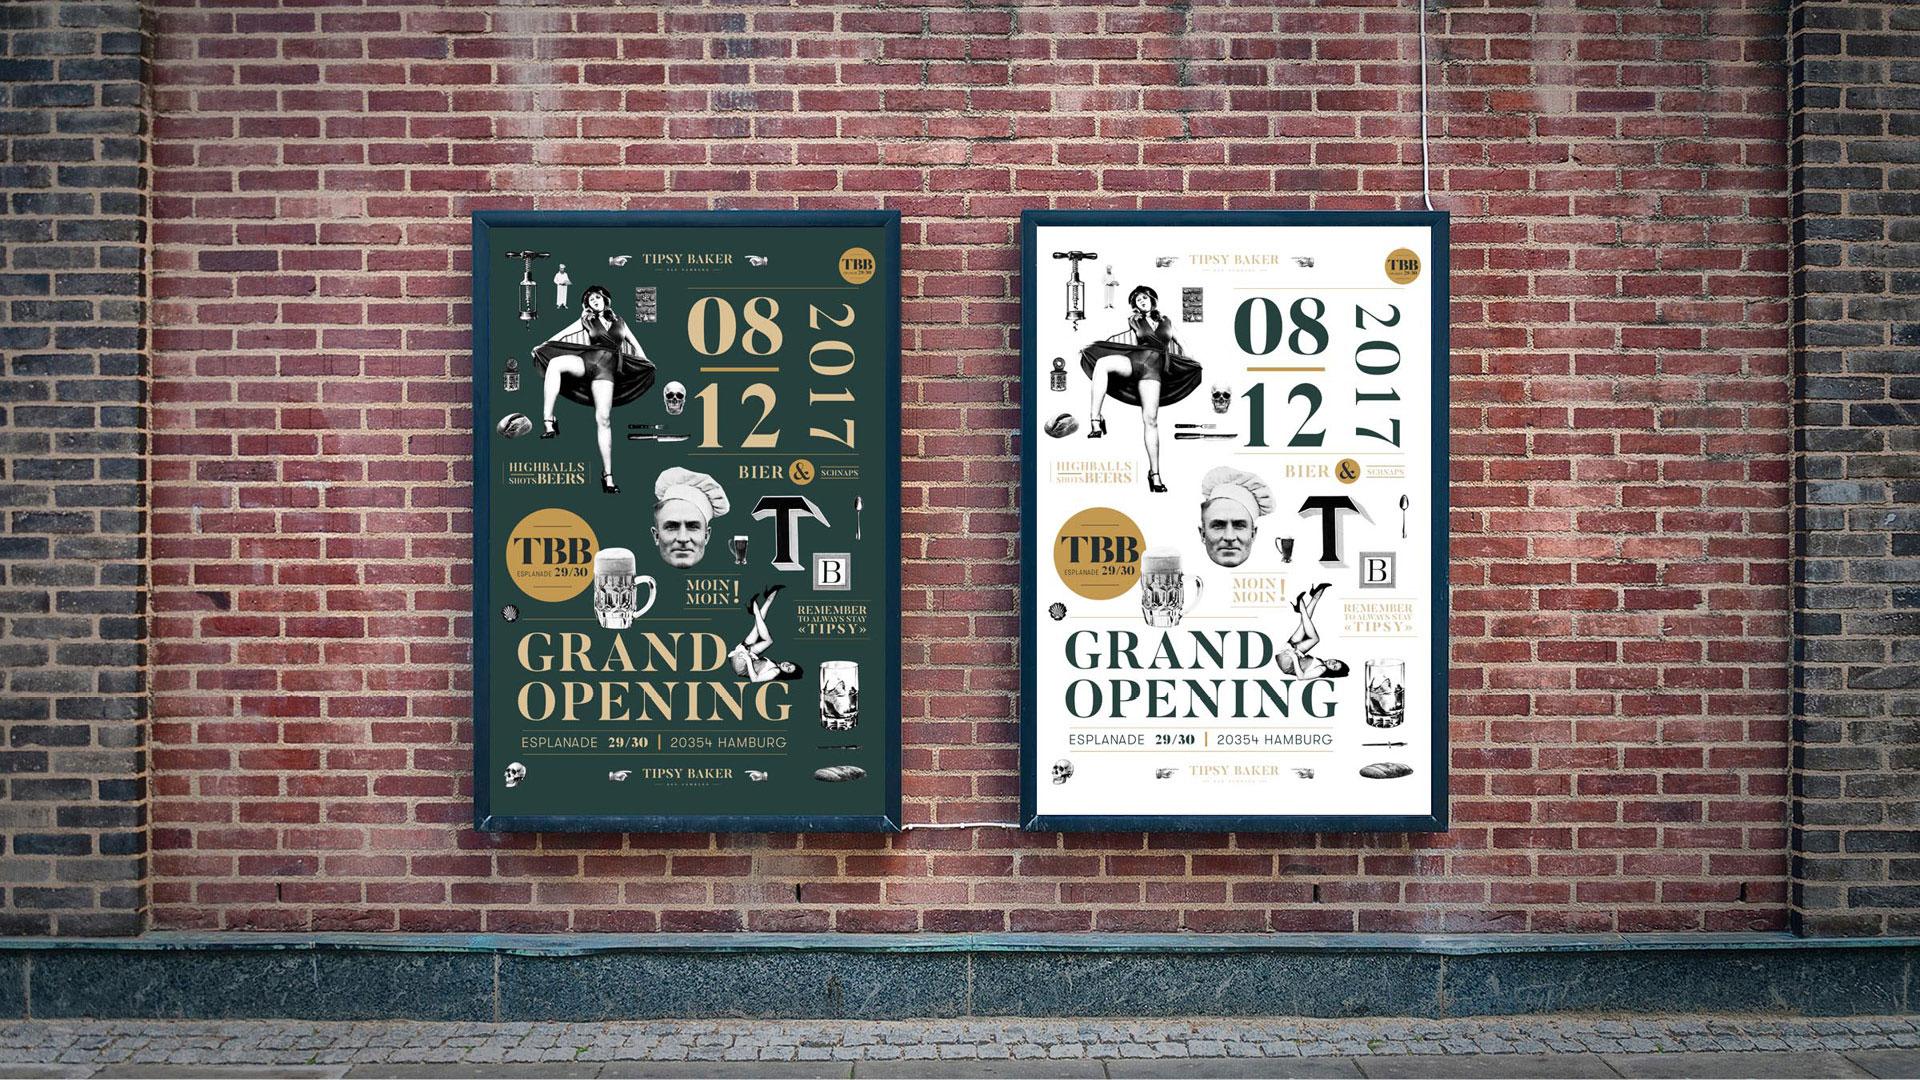 Tipsy baker Bar Hamburg Opening Poster